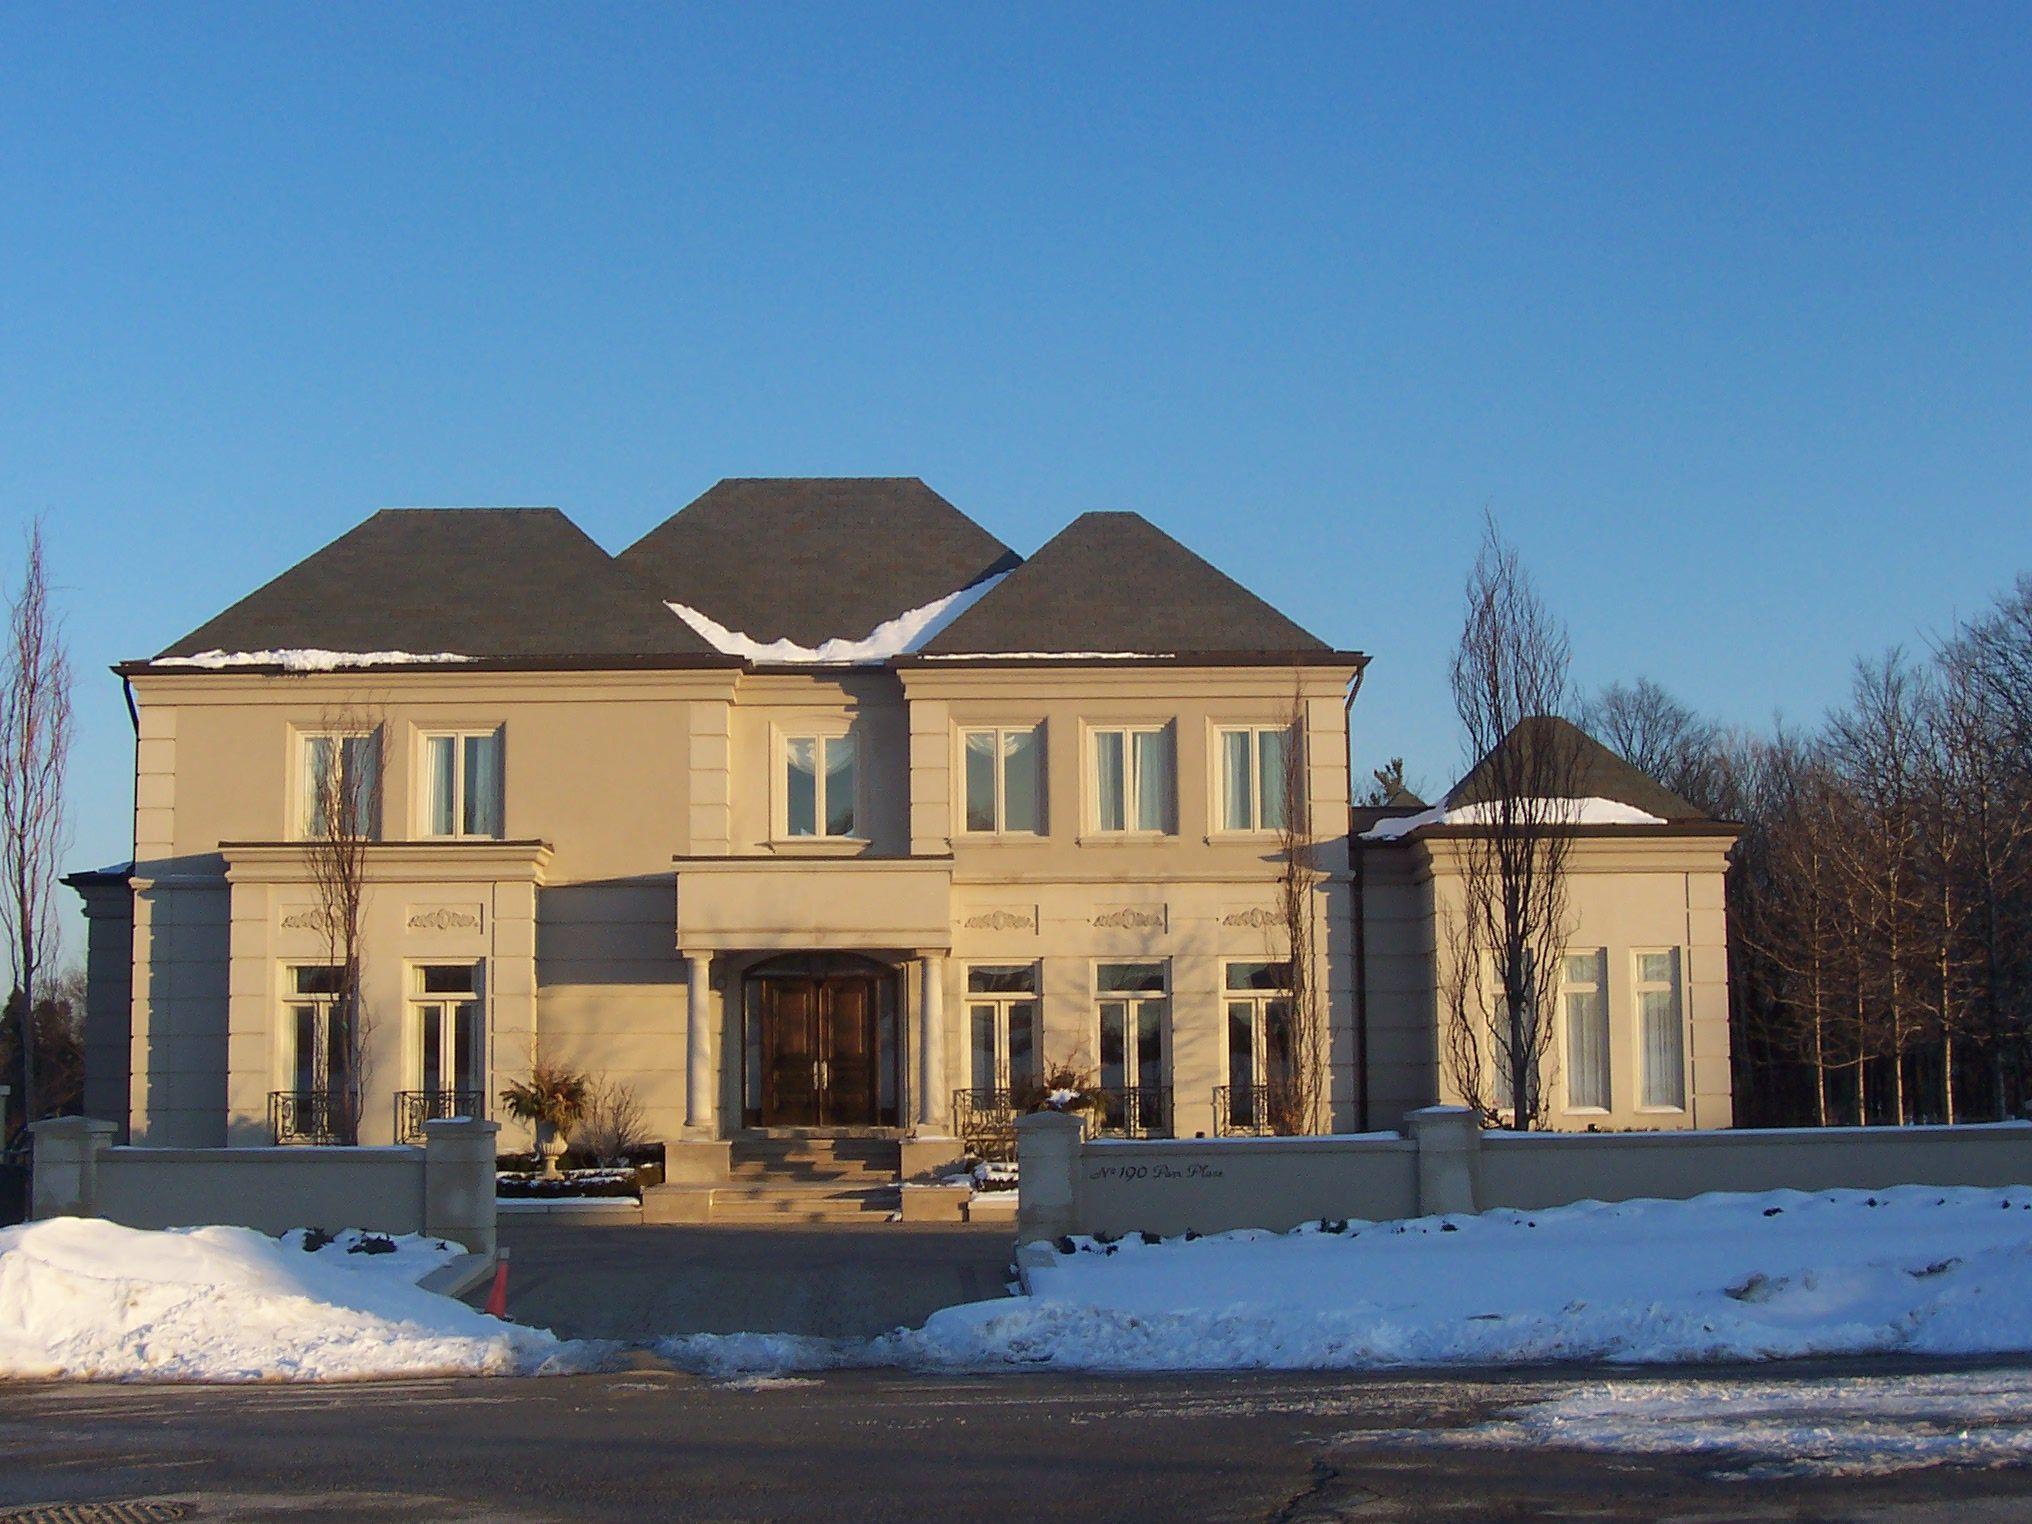 Toronto Custom Home Slate Roof Slate Roof Custom Homes House Styles